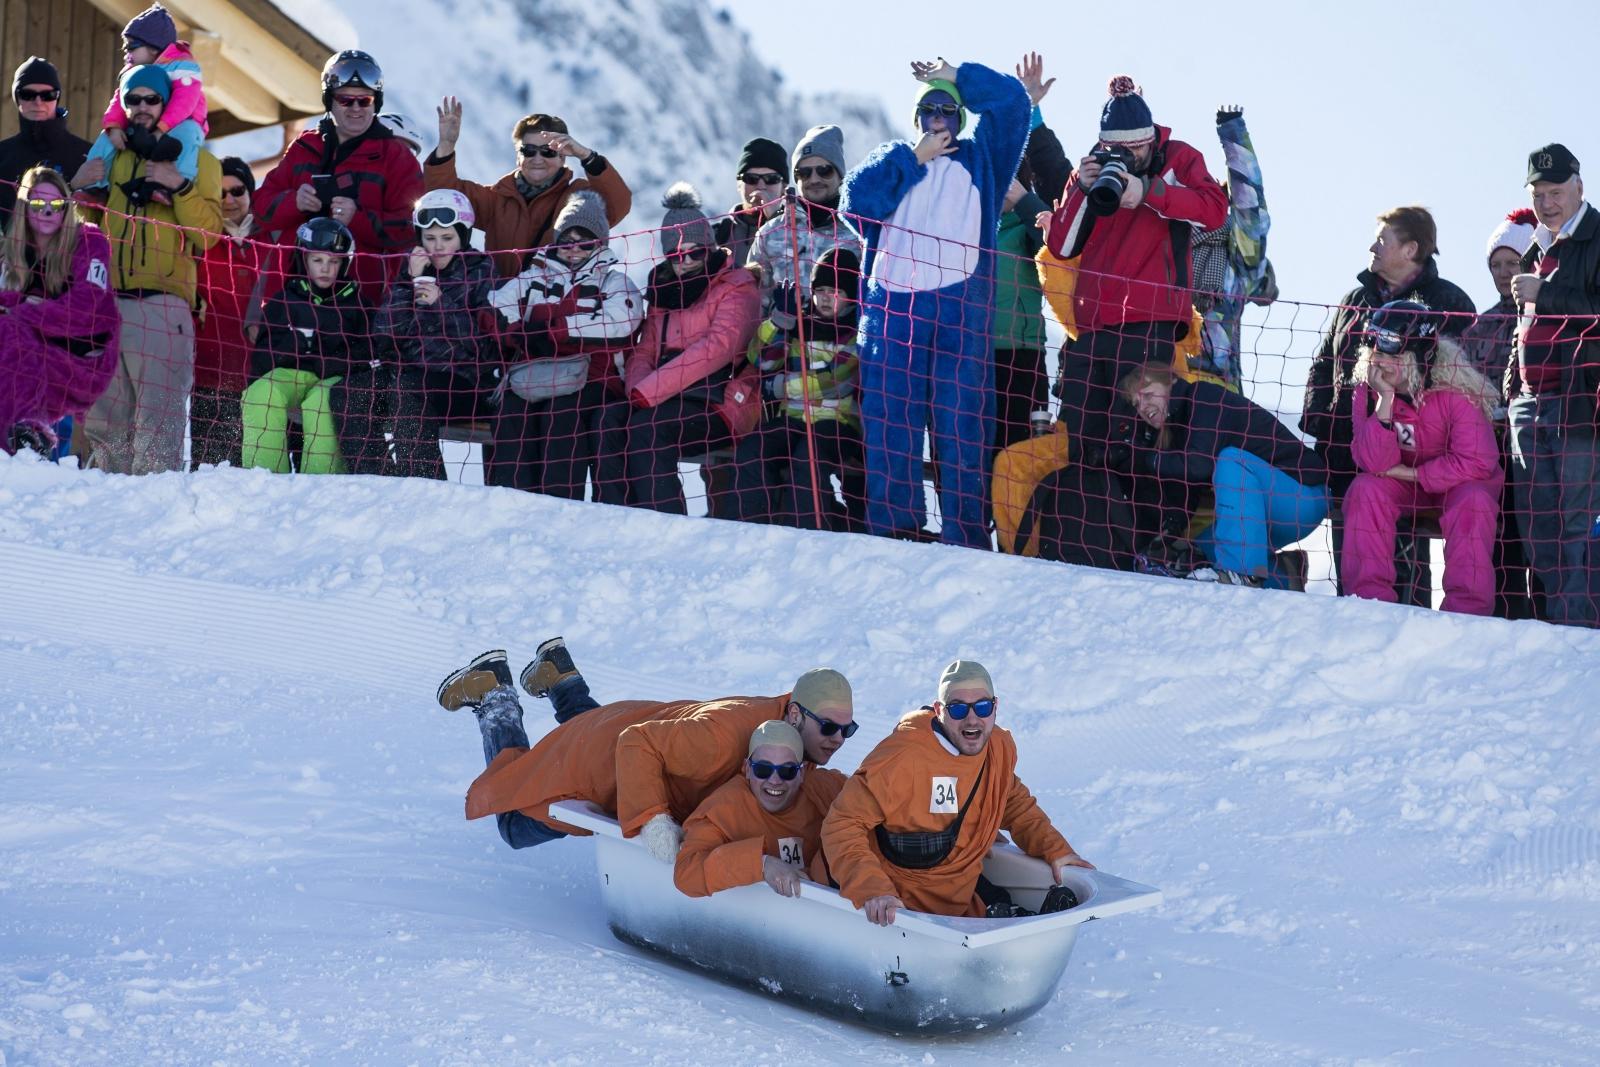 5. Bathtub, czyli zjazd w wannie miał miejsce w Stoos w Szwajcarii. Fot. PAP/EPA/ALEXANDRA WEY